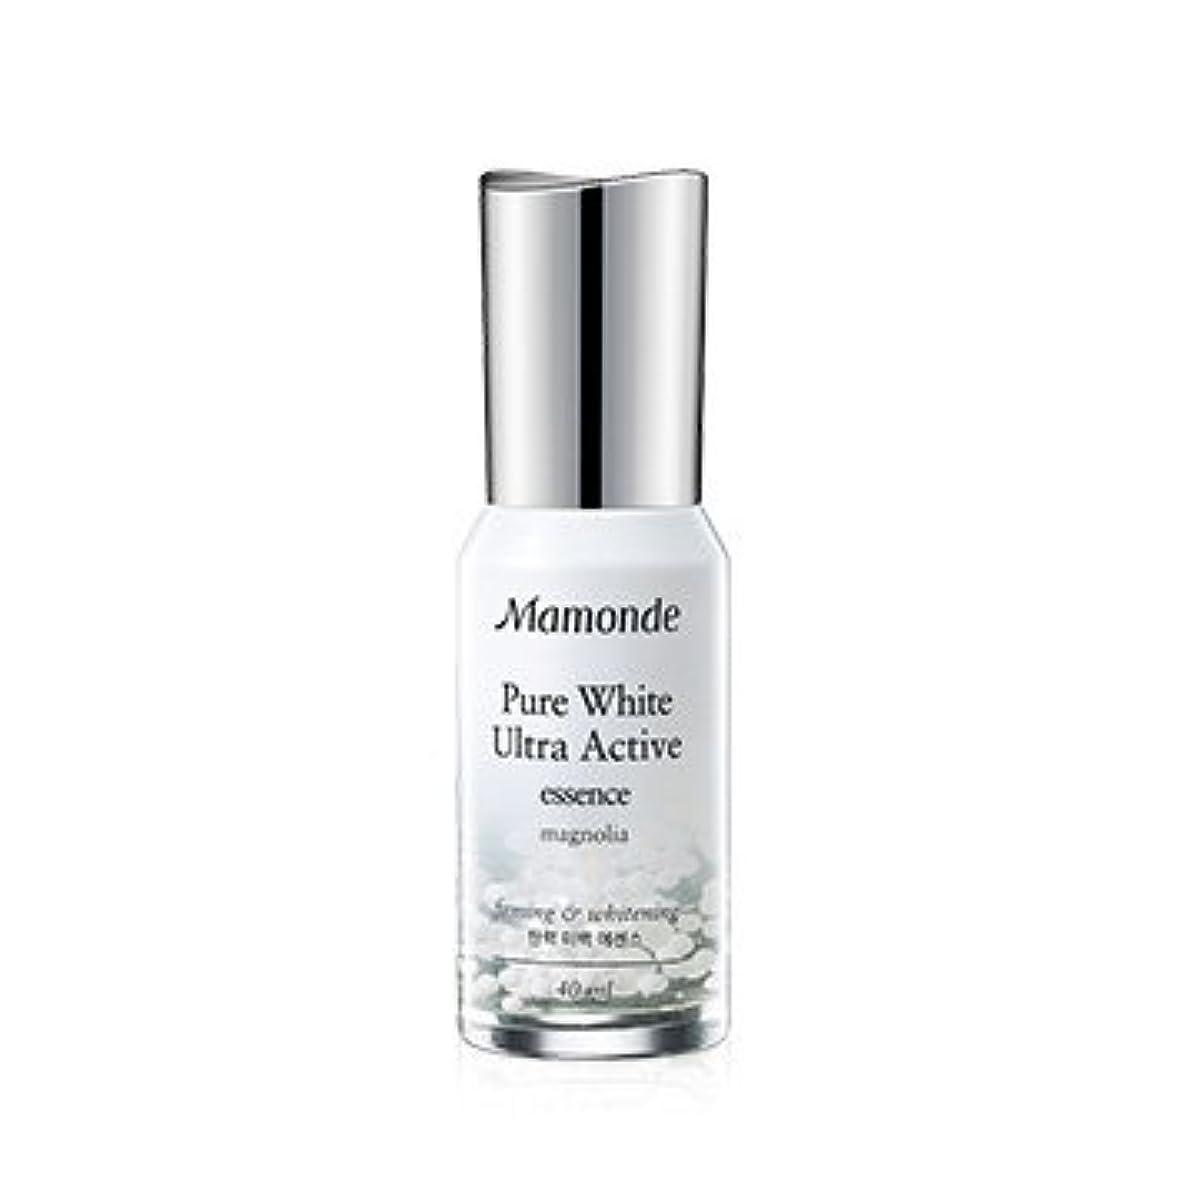 混合した区別包帯Mamonde Pure White Ultra Active Essence 40ml/マモンド ピュア ホワイト ウルトラ アクティブ エッセンス 40ml [並行輸入品]